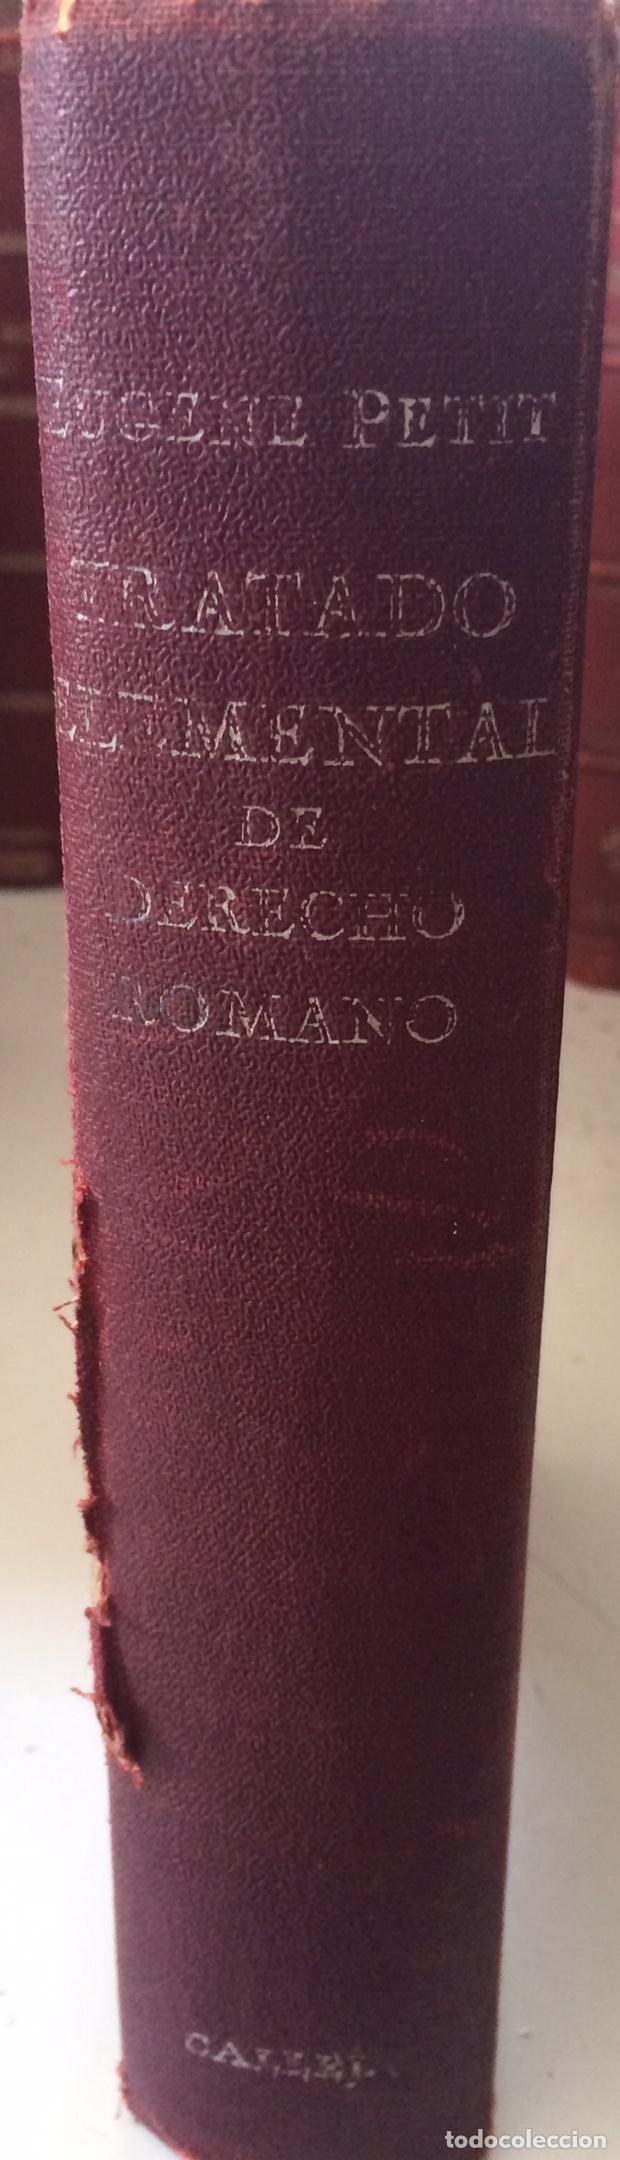 TRATADO ELEMENTAL DE DERECHO ROMANO EUGENE PETIT (1927) (Libros Antiguos, Raros y Curiosos - Ciencias, Manuales y Oficios - Derecho, Economía y Comercio)